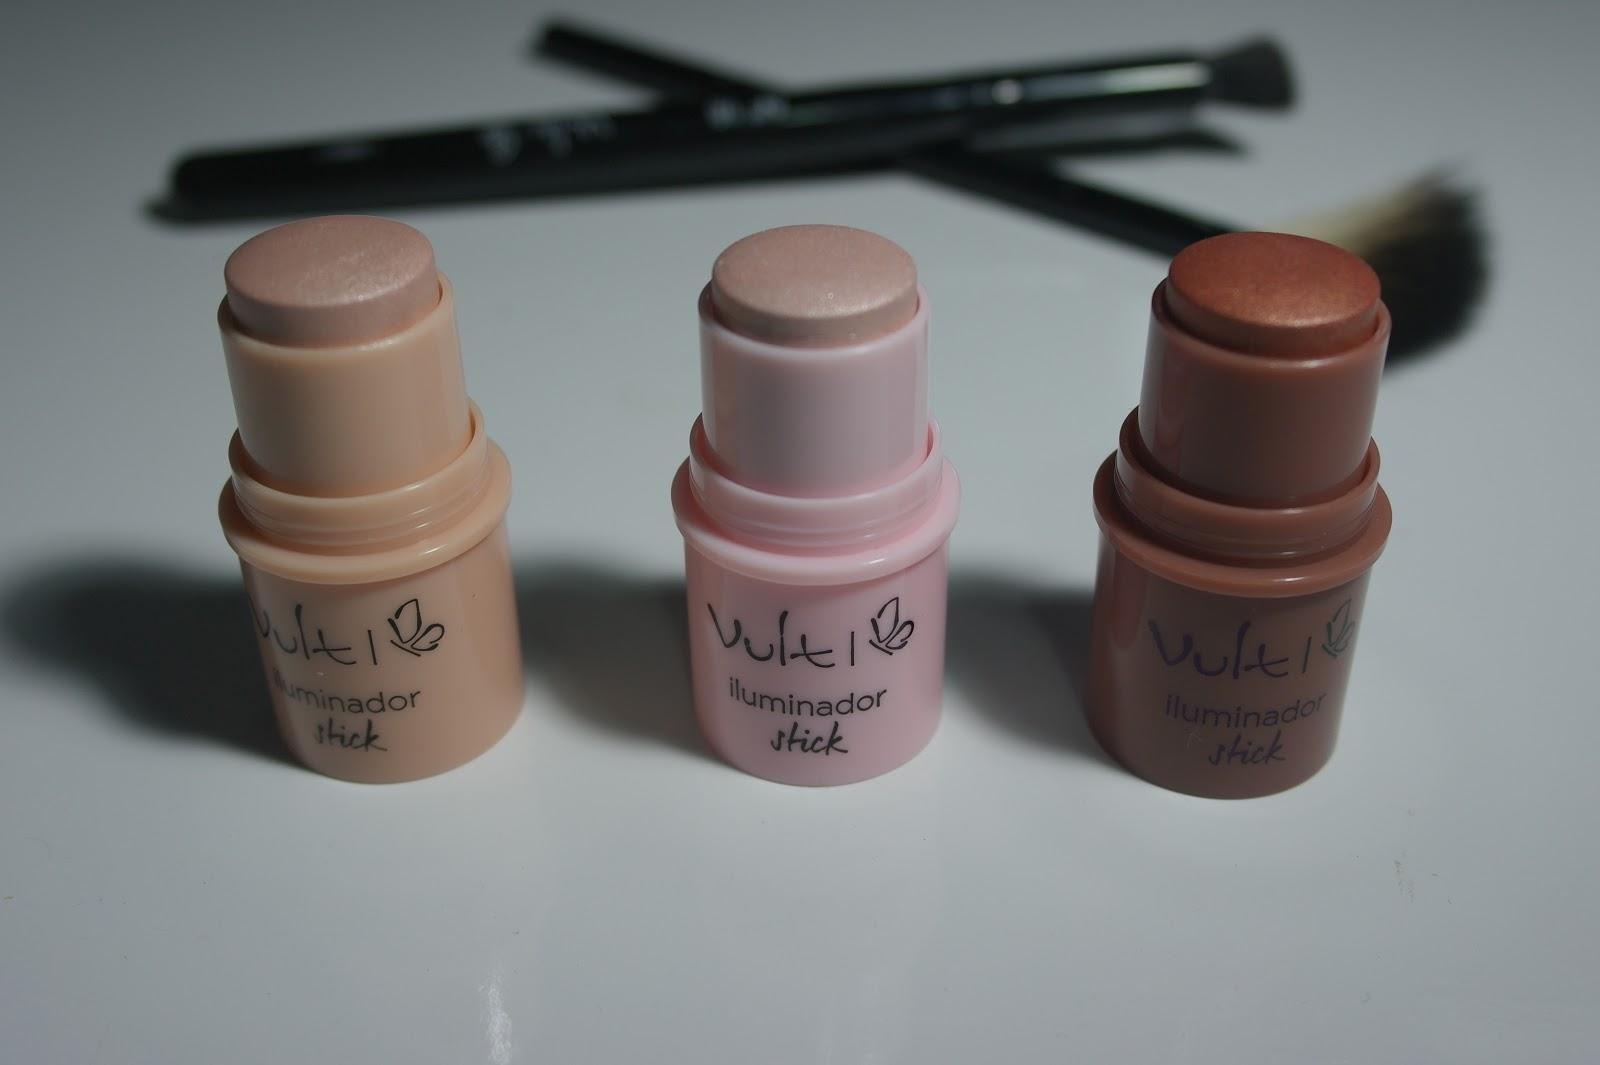 Sticks da Vult #iluminador #contorno e blush